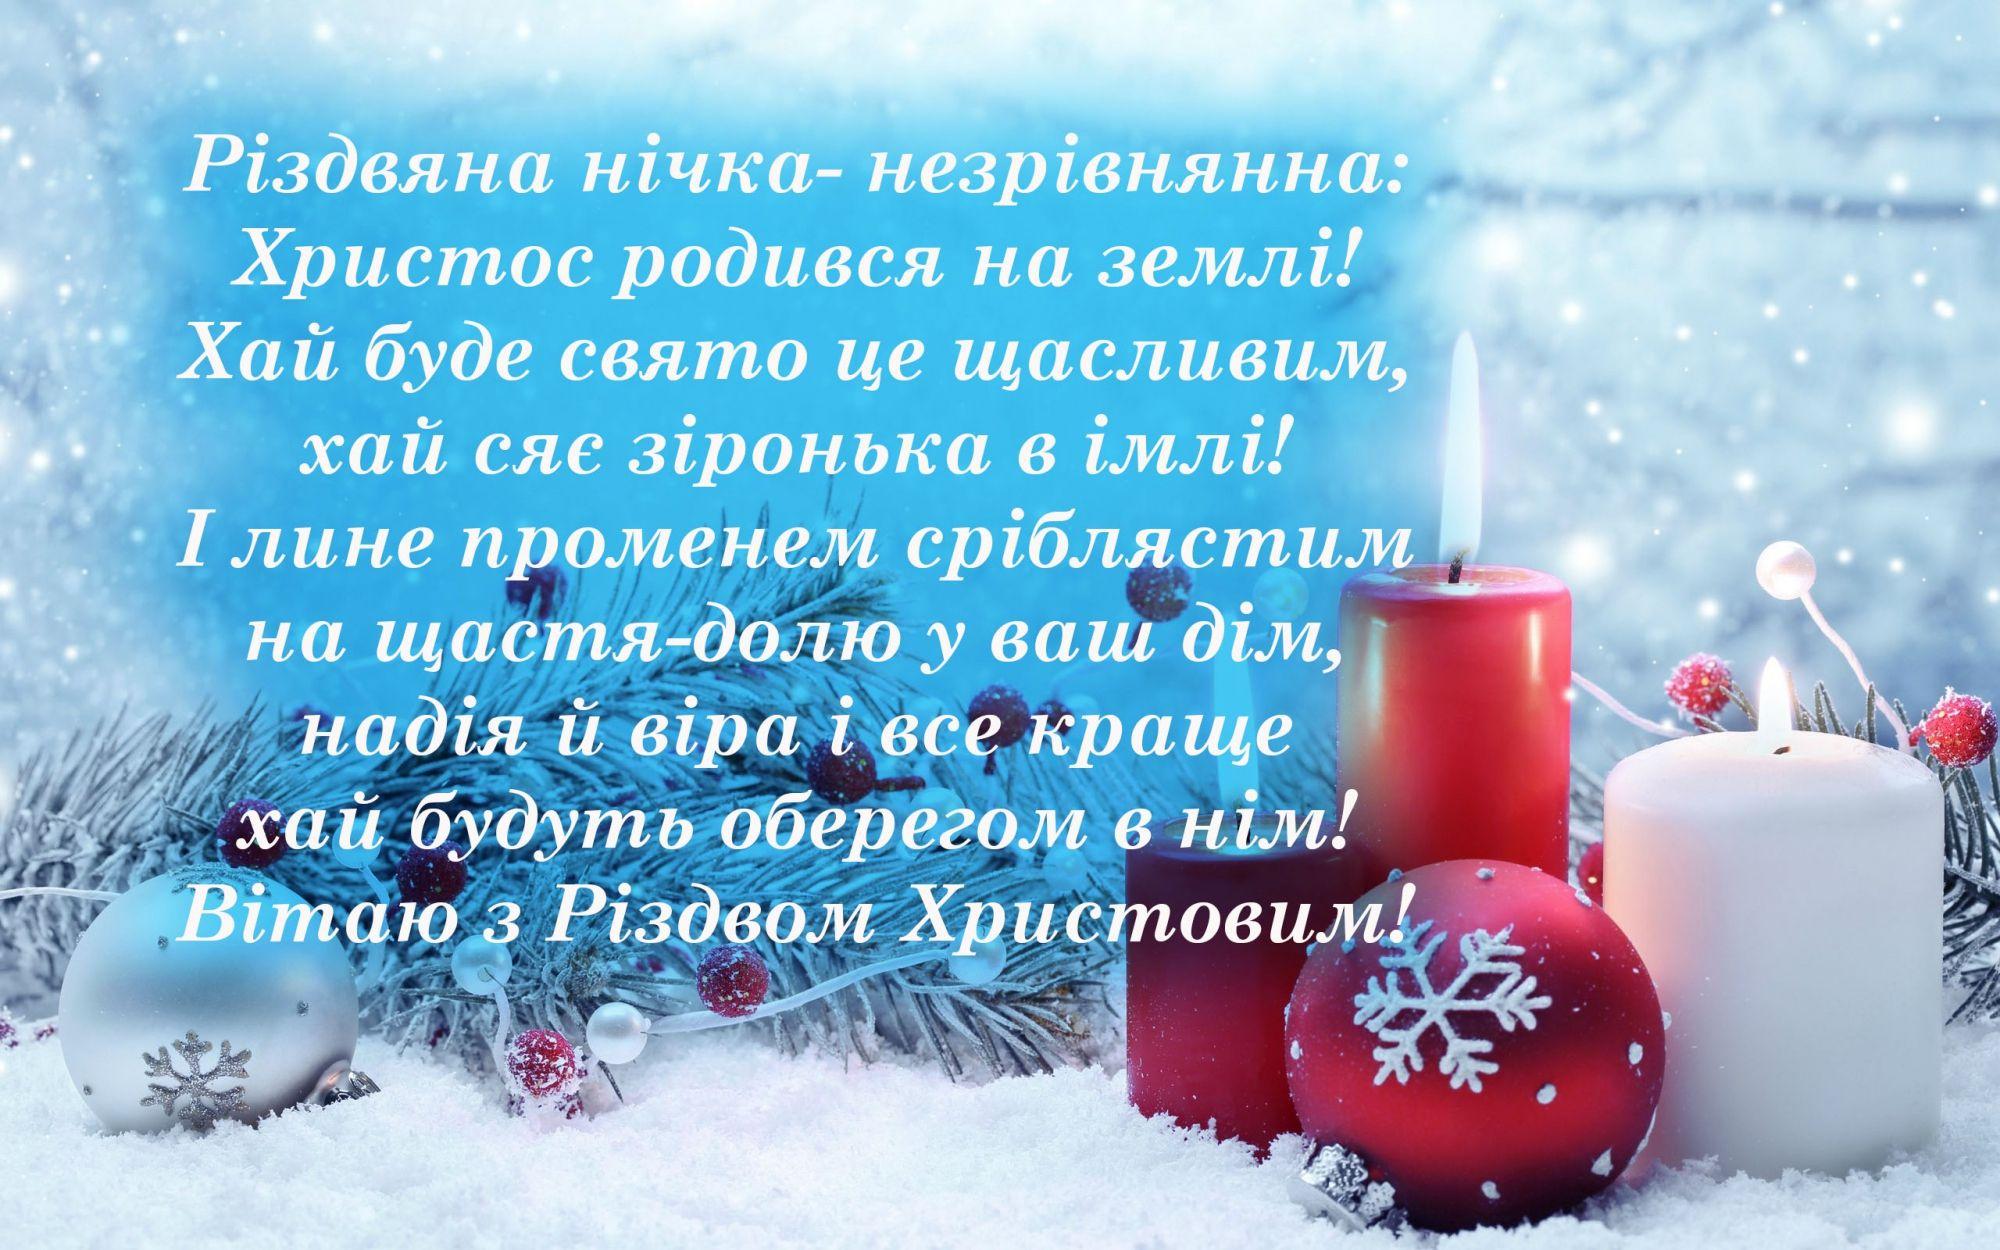 Різдво Христове сторінка 29 із 29, листівка 284